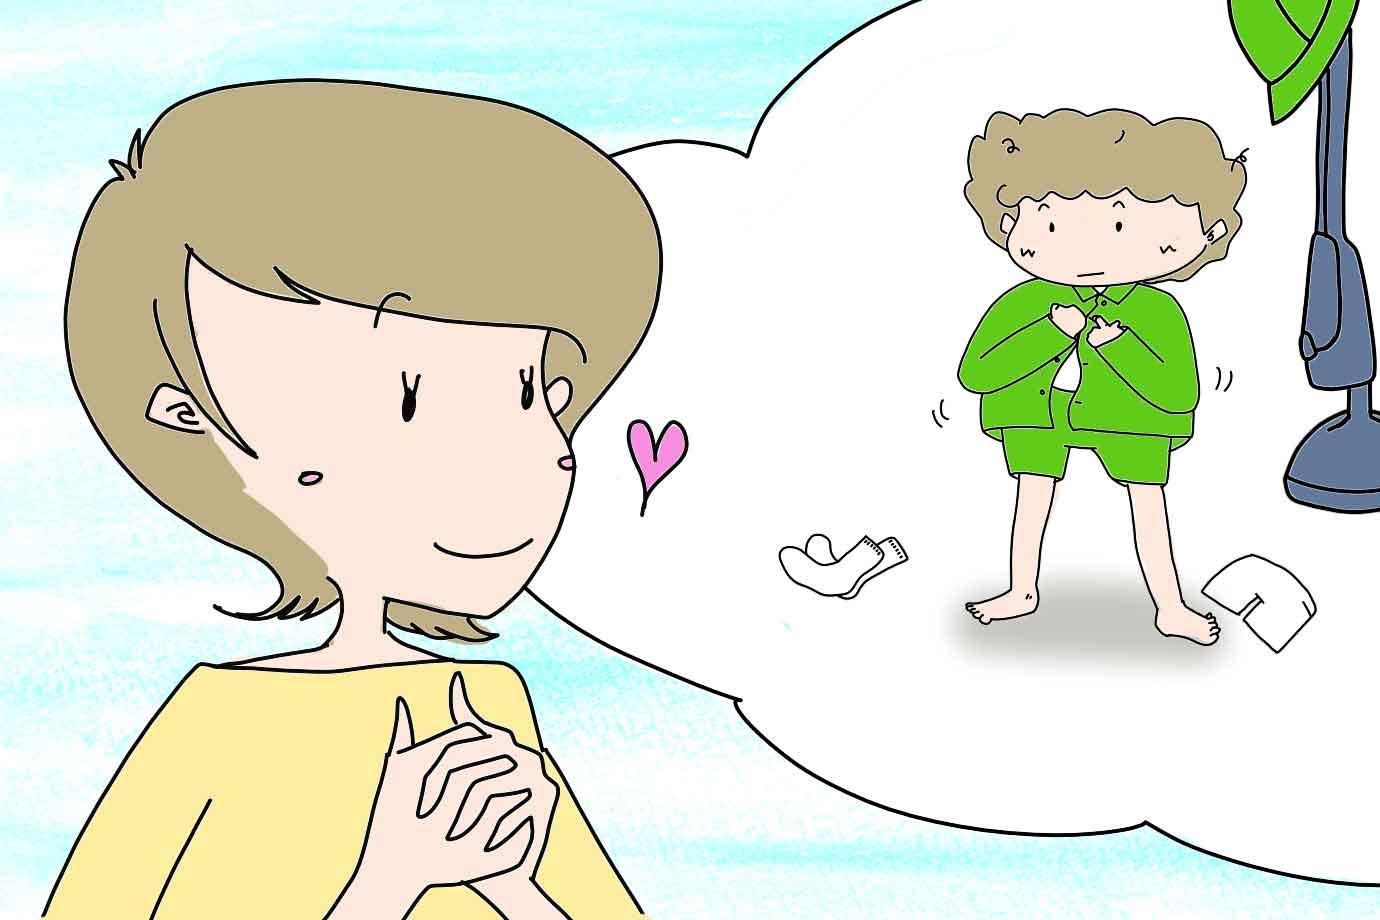 叱咤激励のつもりであっても、子どもを追いつめたり、からかったりするような言動は避けましょう